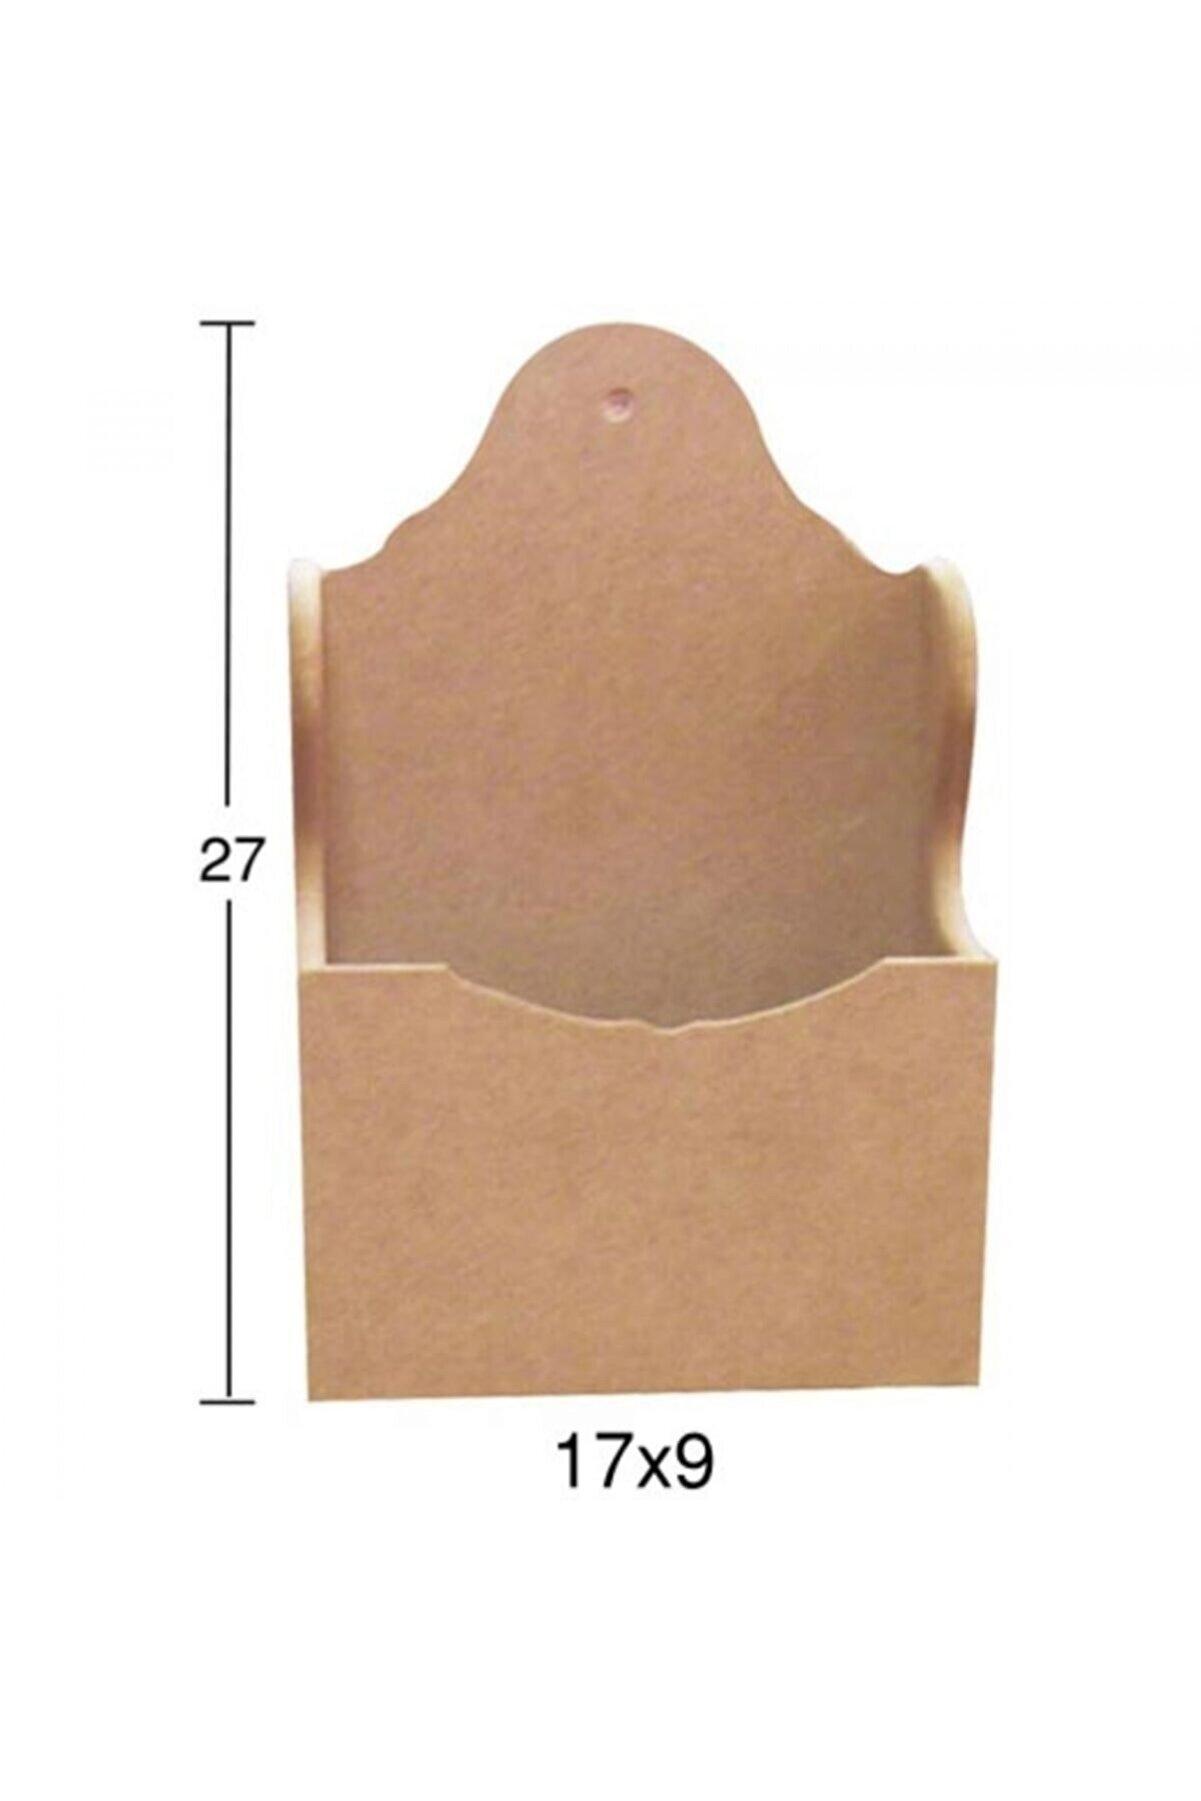 TEKNOPARS F761 Kaşıklık, Boyasız Ham Ahşap Mdf Kaşıklık